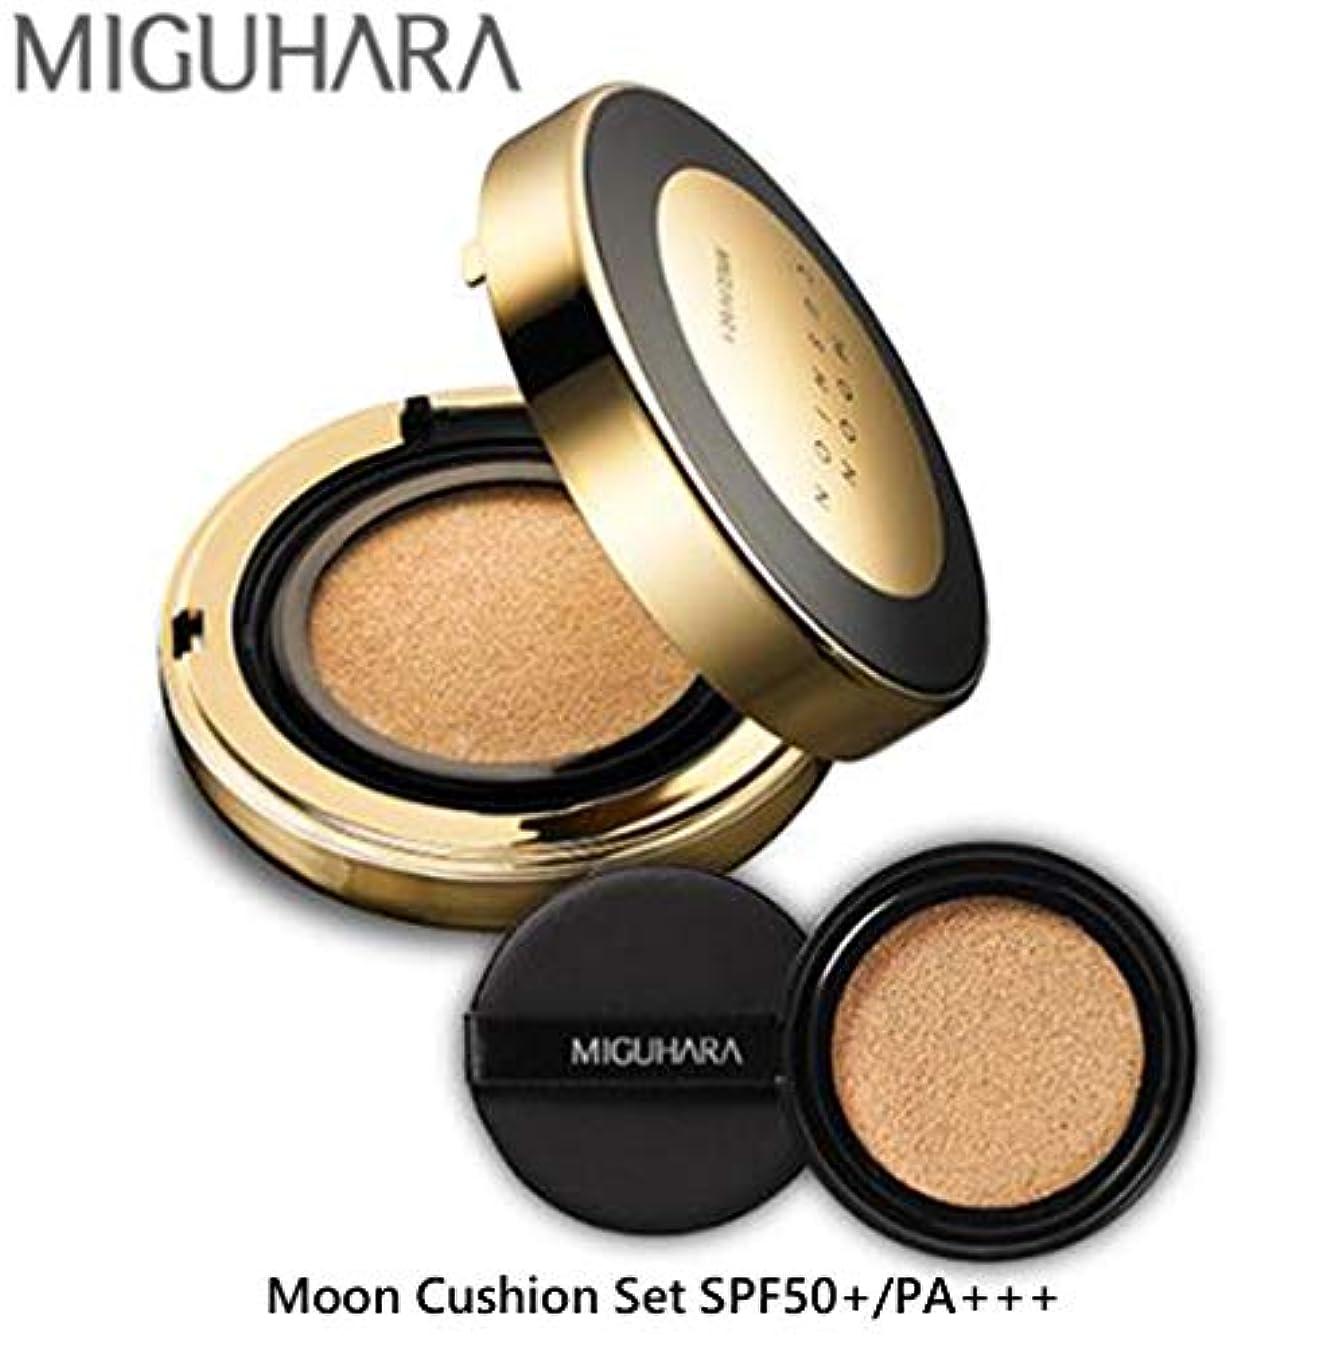 ここに排除する偽造MIGUHARA Moon Cushion Set SPF50+/PA+++ (14g+14g)